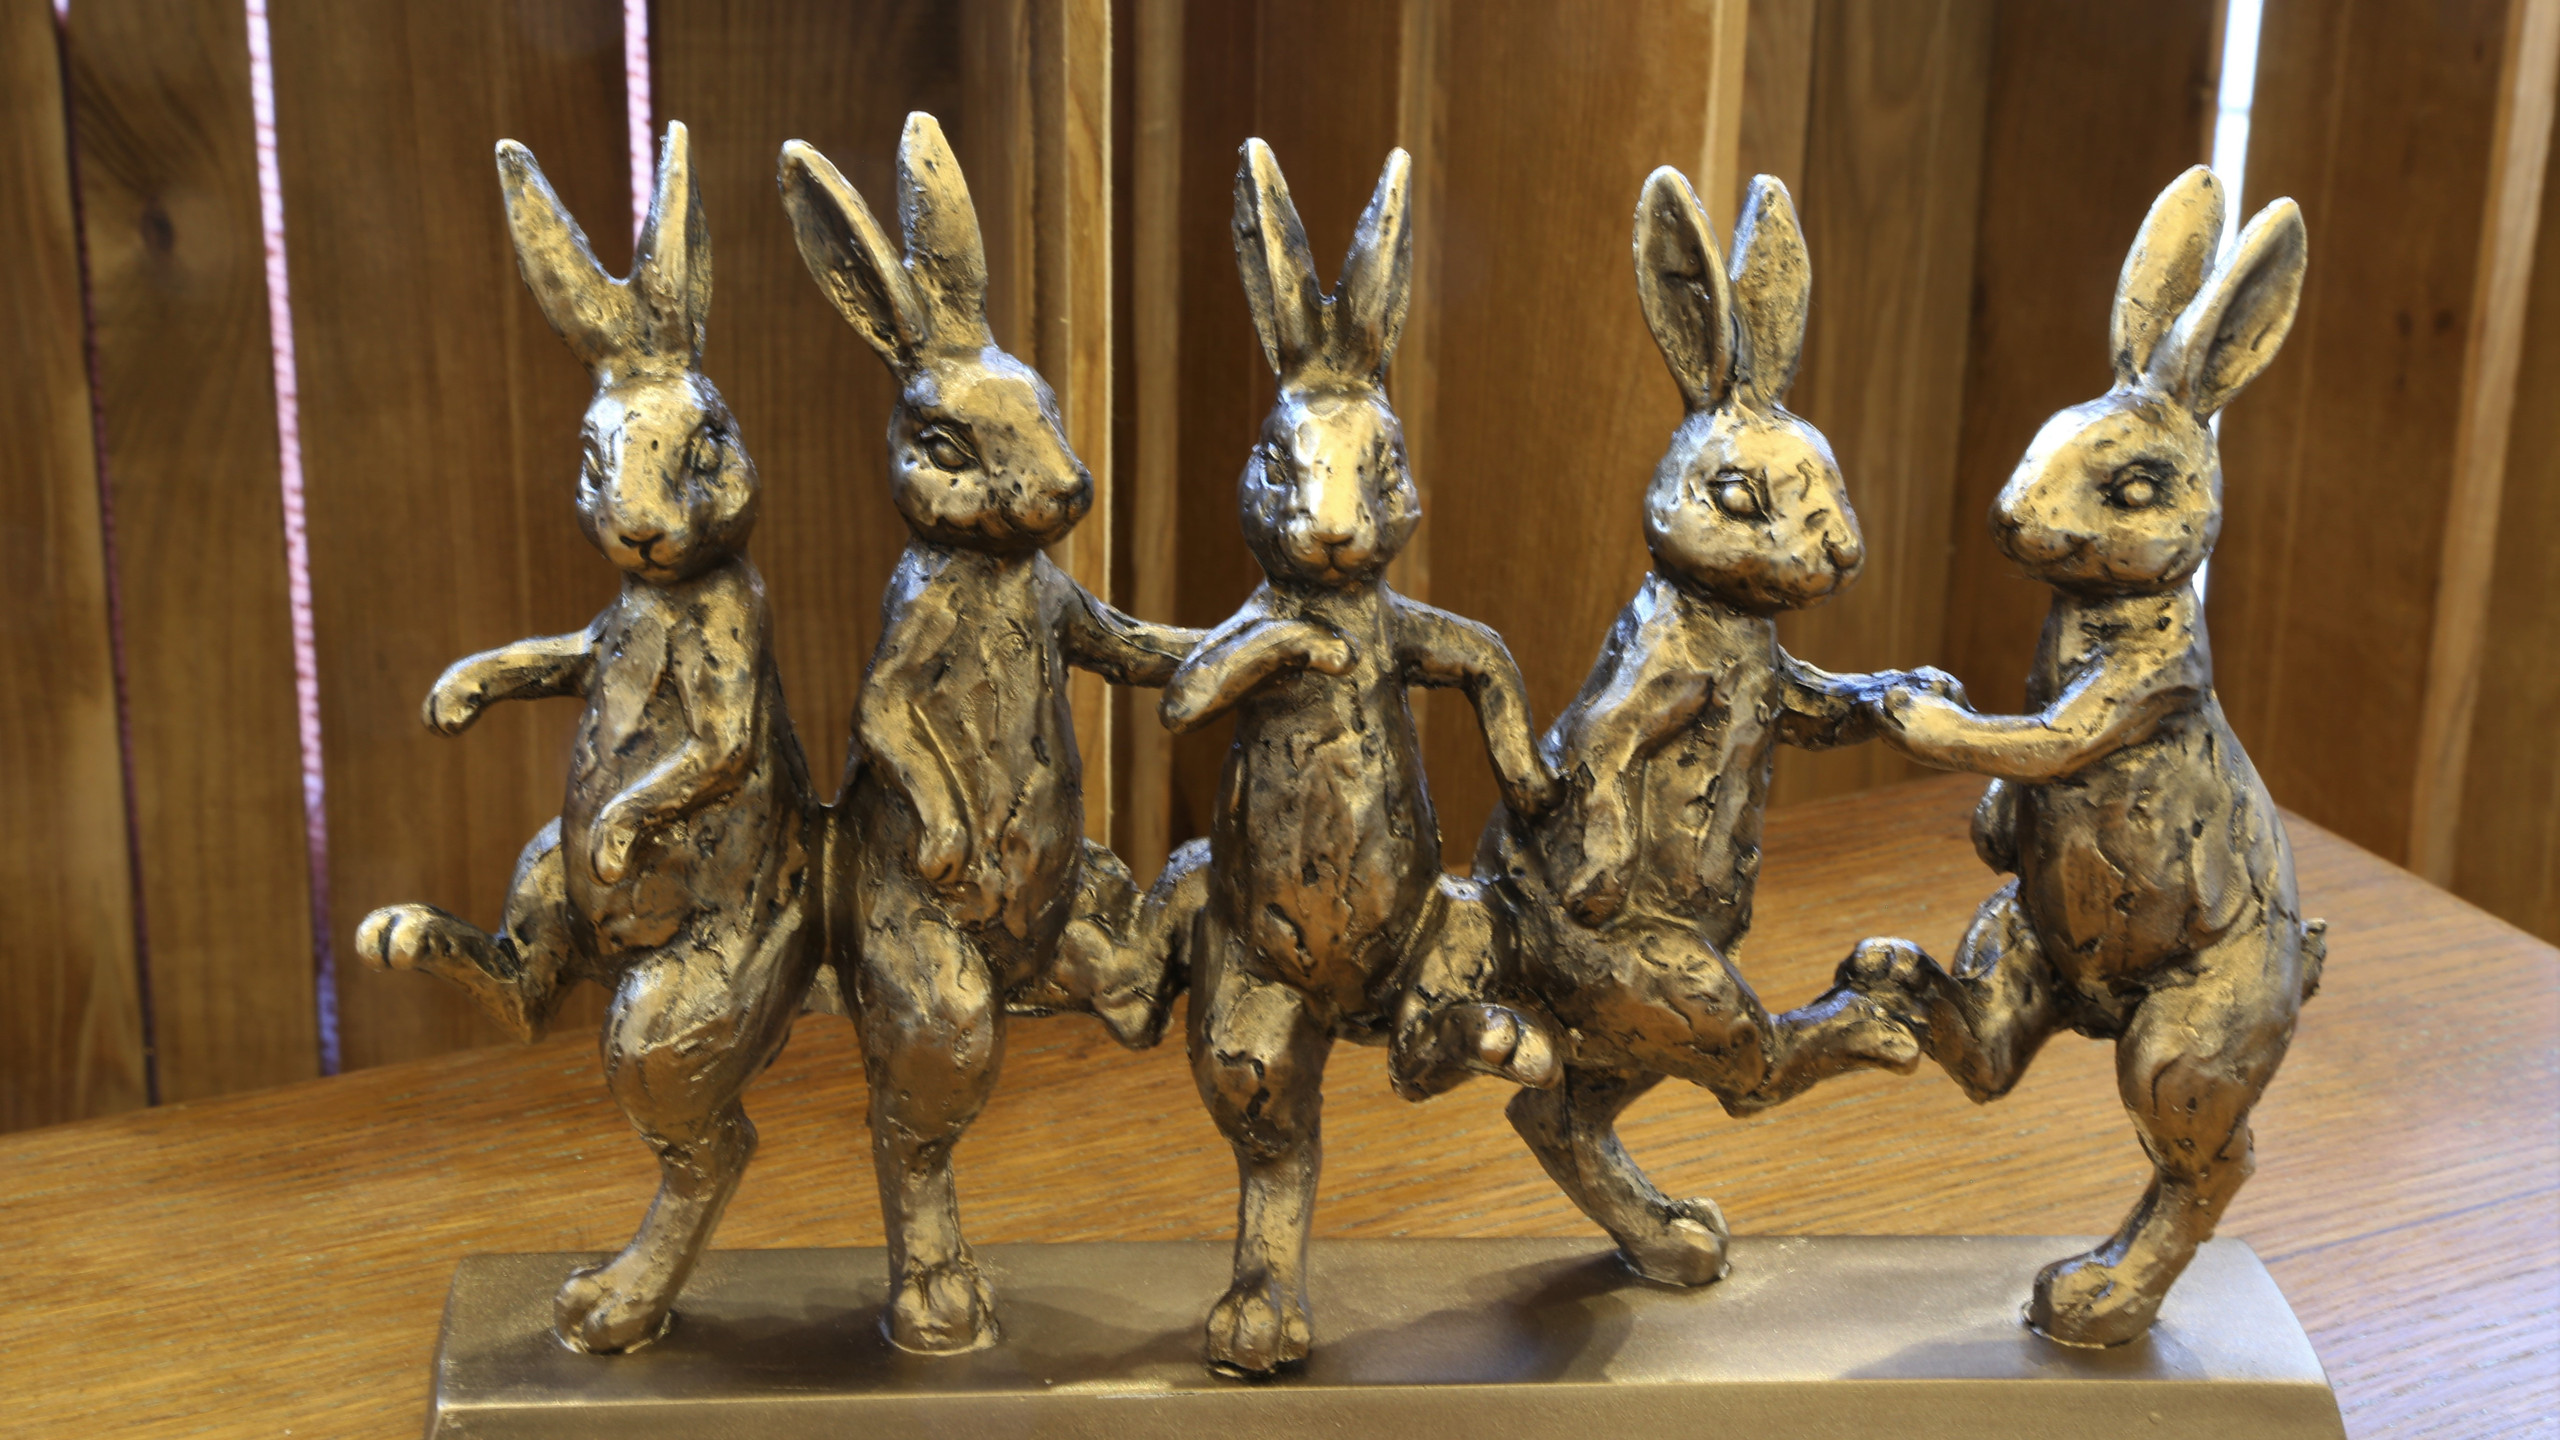 Jolly rabbits